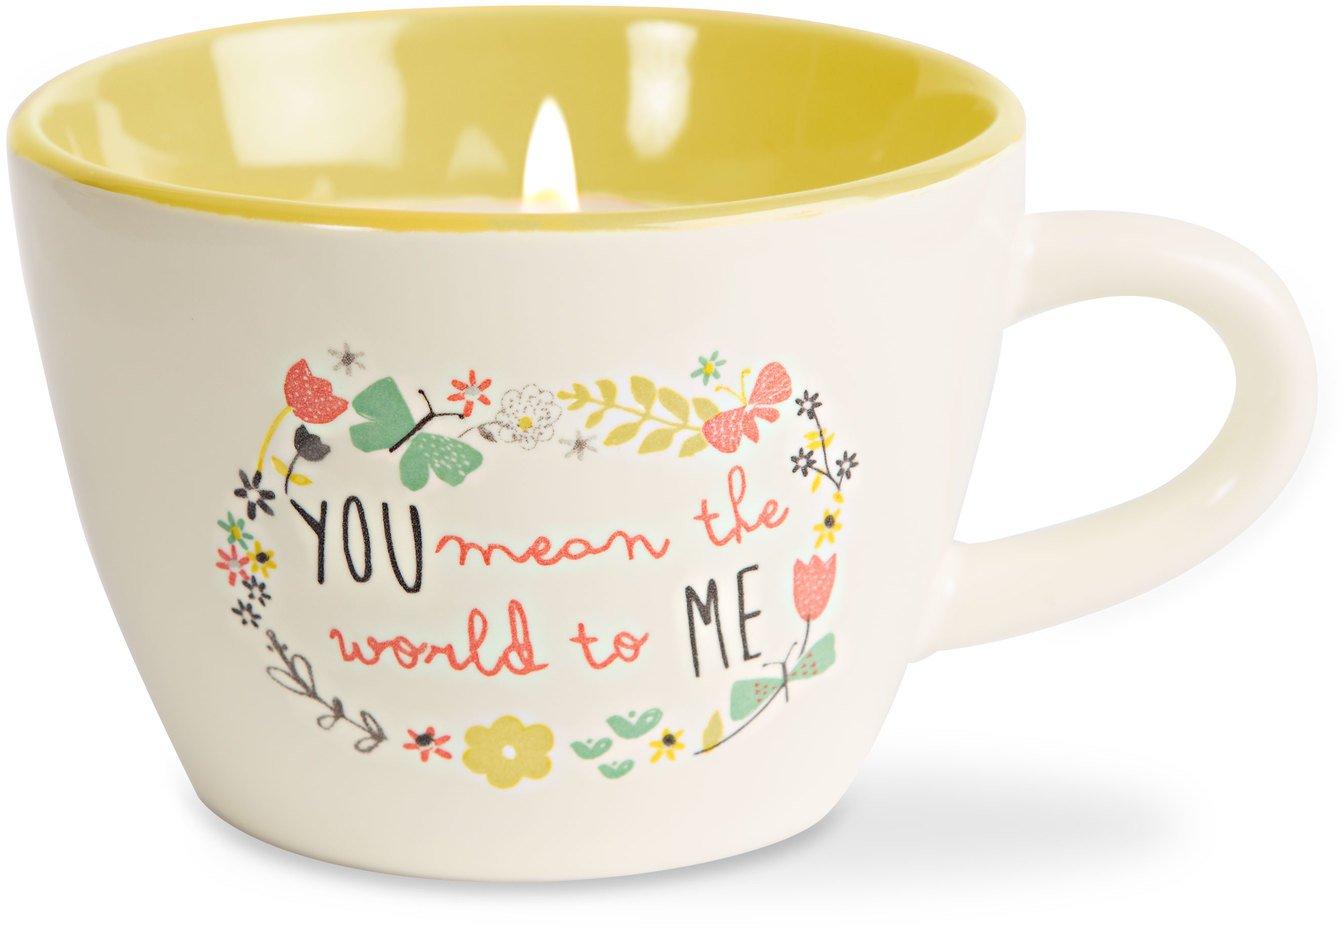 Bloom by Amylee Weeks 74096 Sister Ceramic Teacup Candle